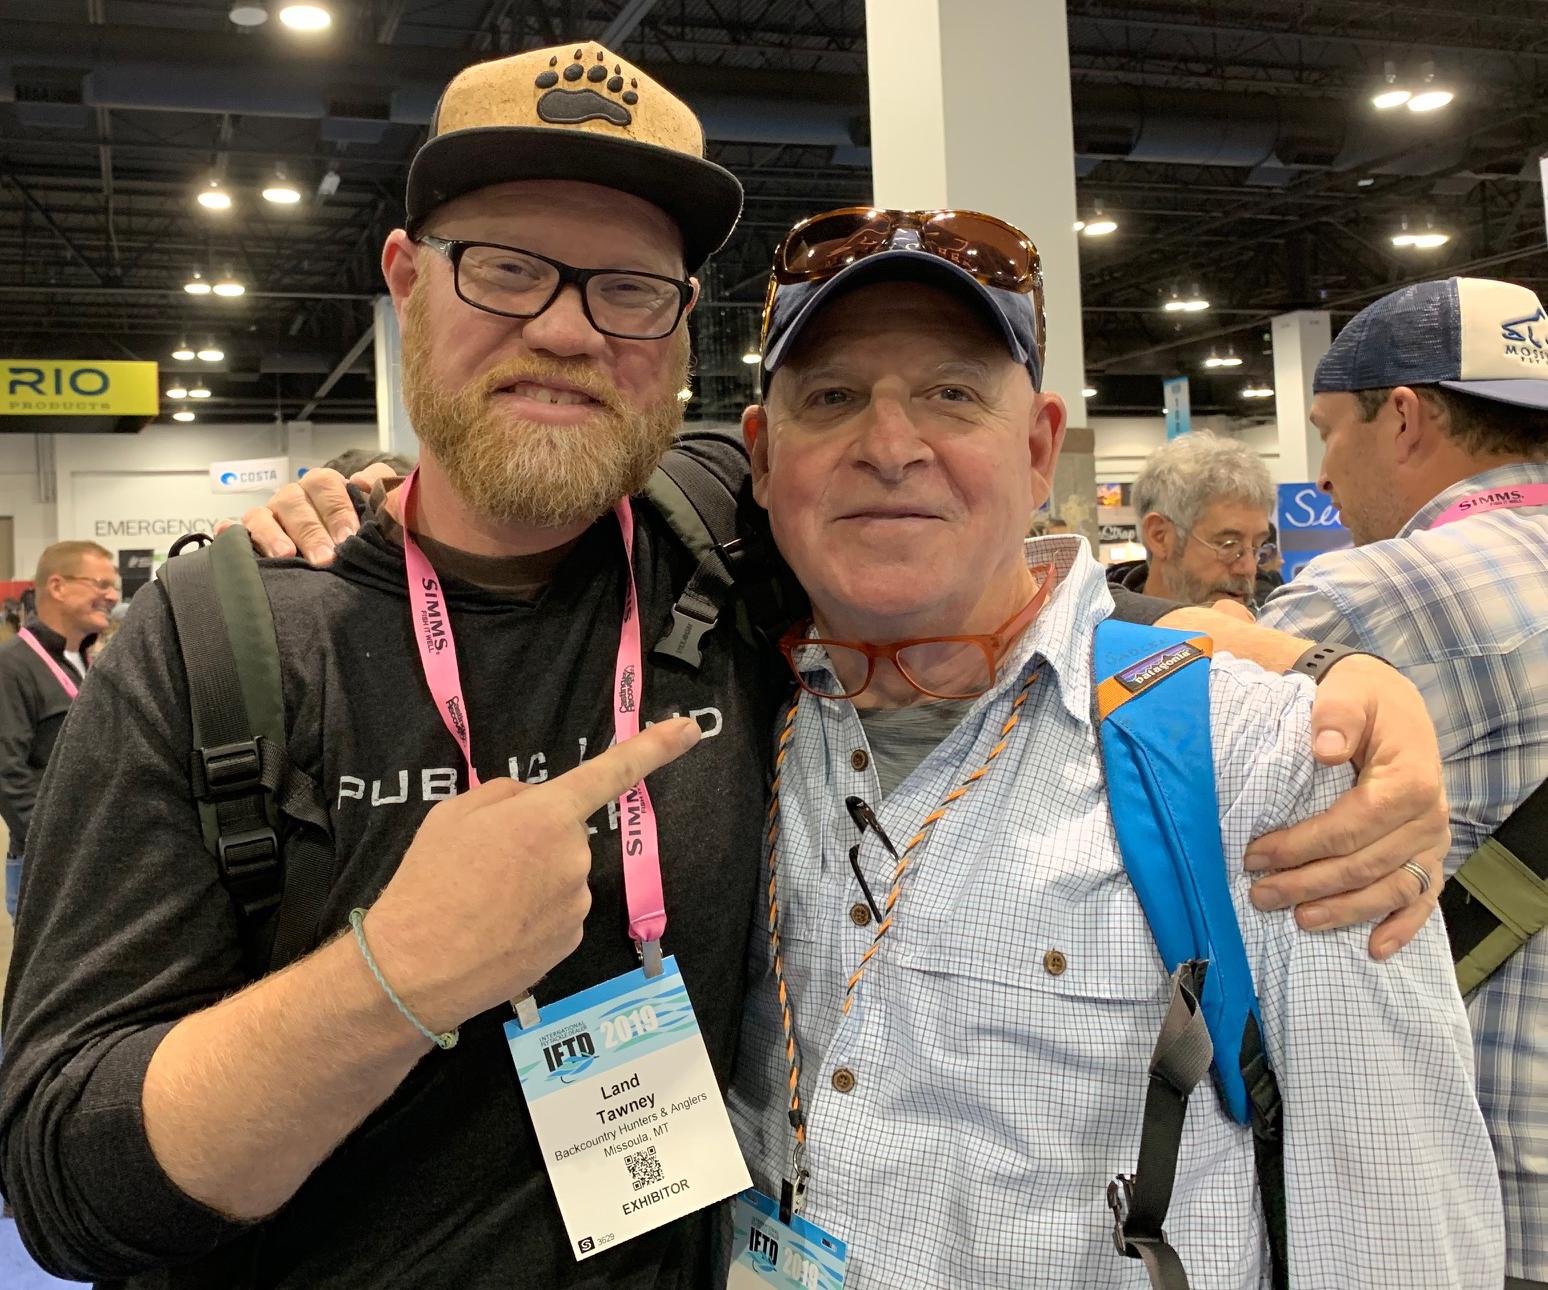 Land Tawney and Tom Sadler; photo by Matt Smythe/AFFTA.